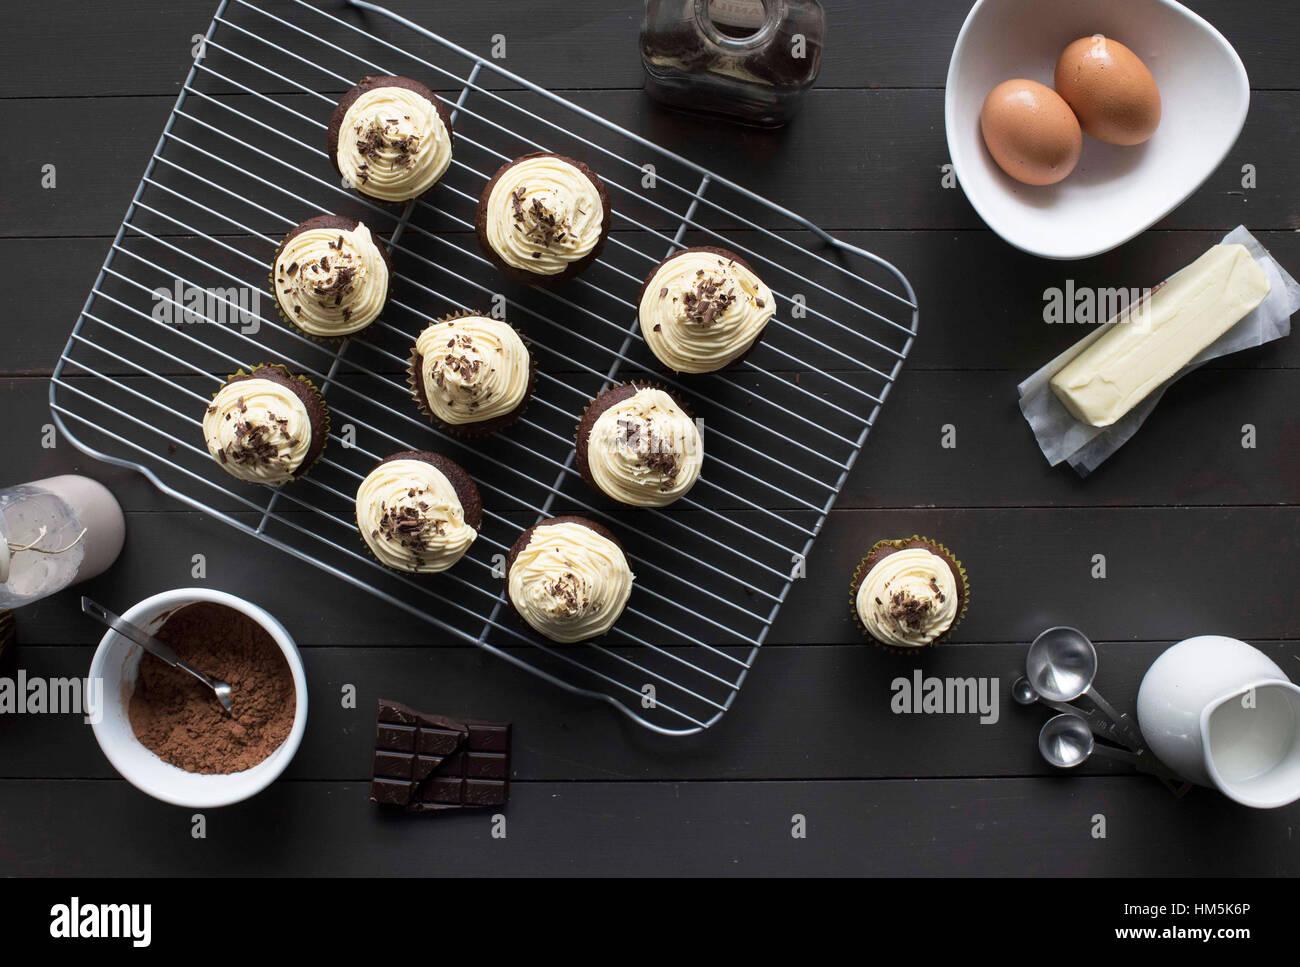 High angle view of cupcakes avec des œufs sur la table Photo Stock